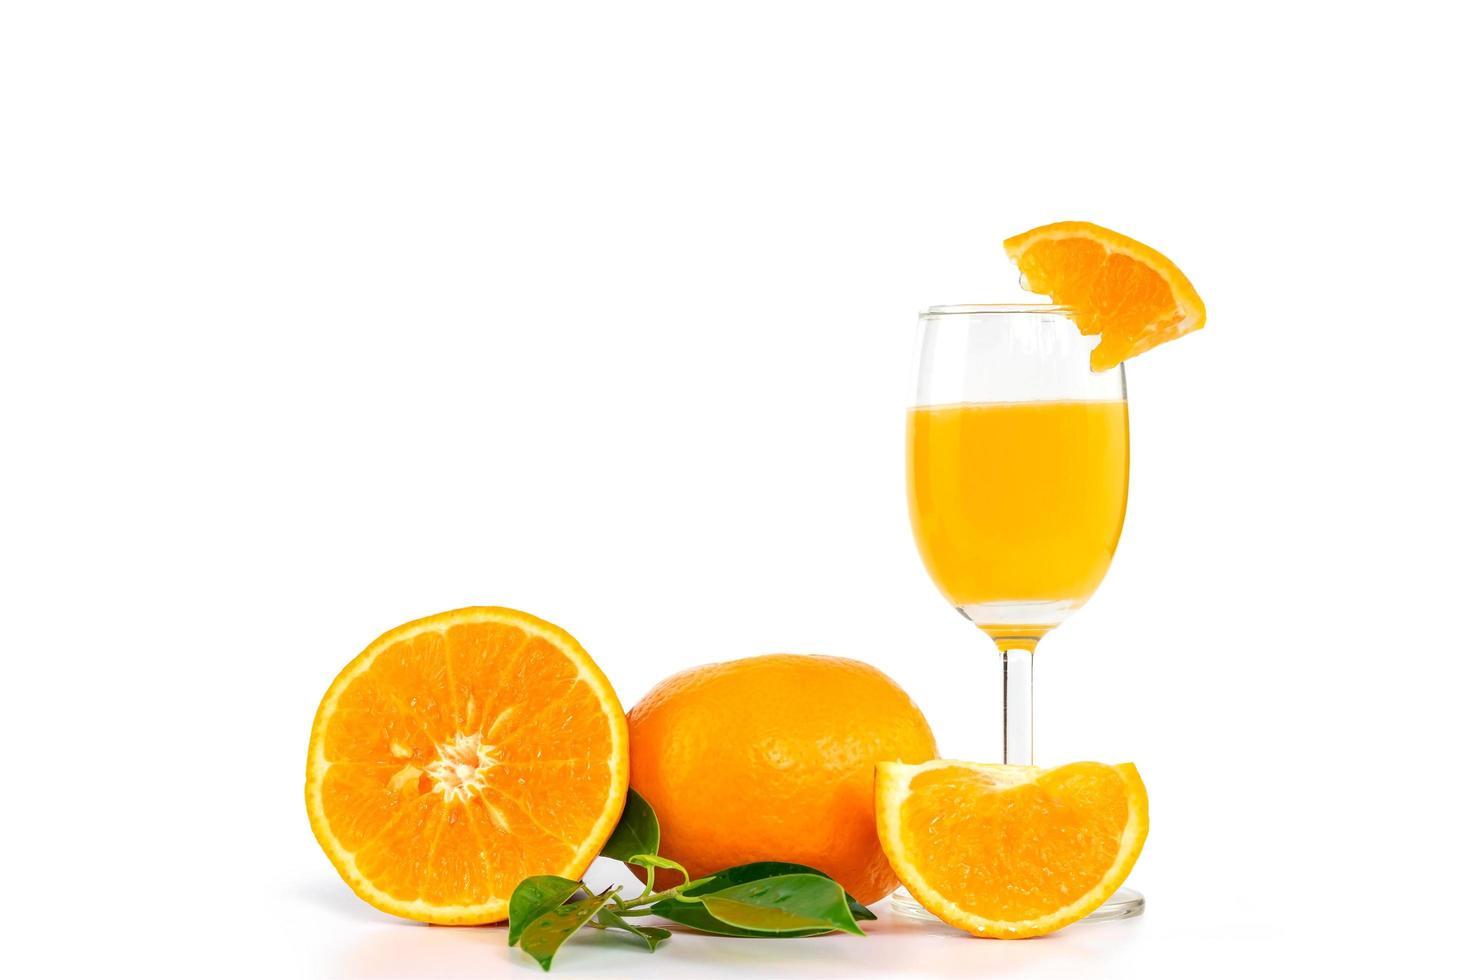 jus d'orange fraîchement pressé dans un verre, décoré d'agrumes et de feuilles d'oranger photo